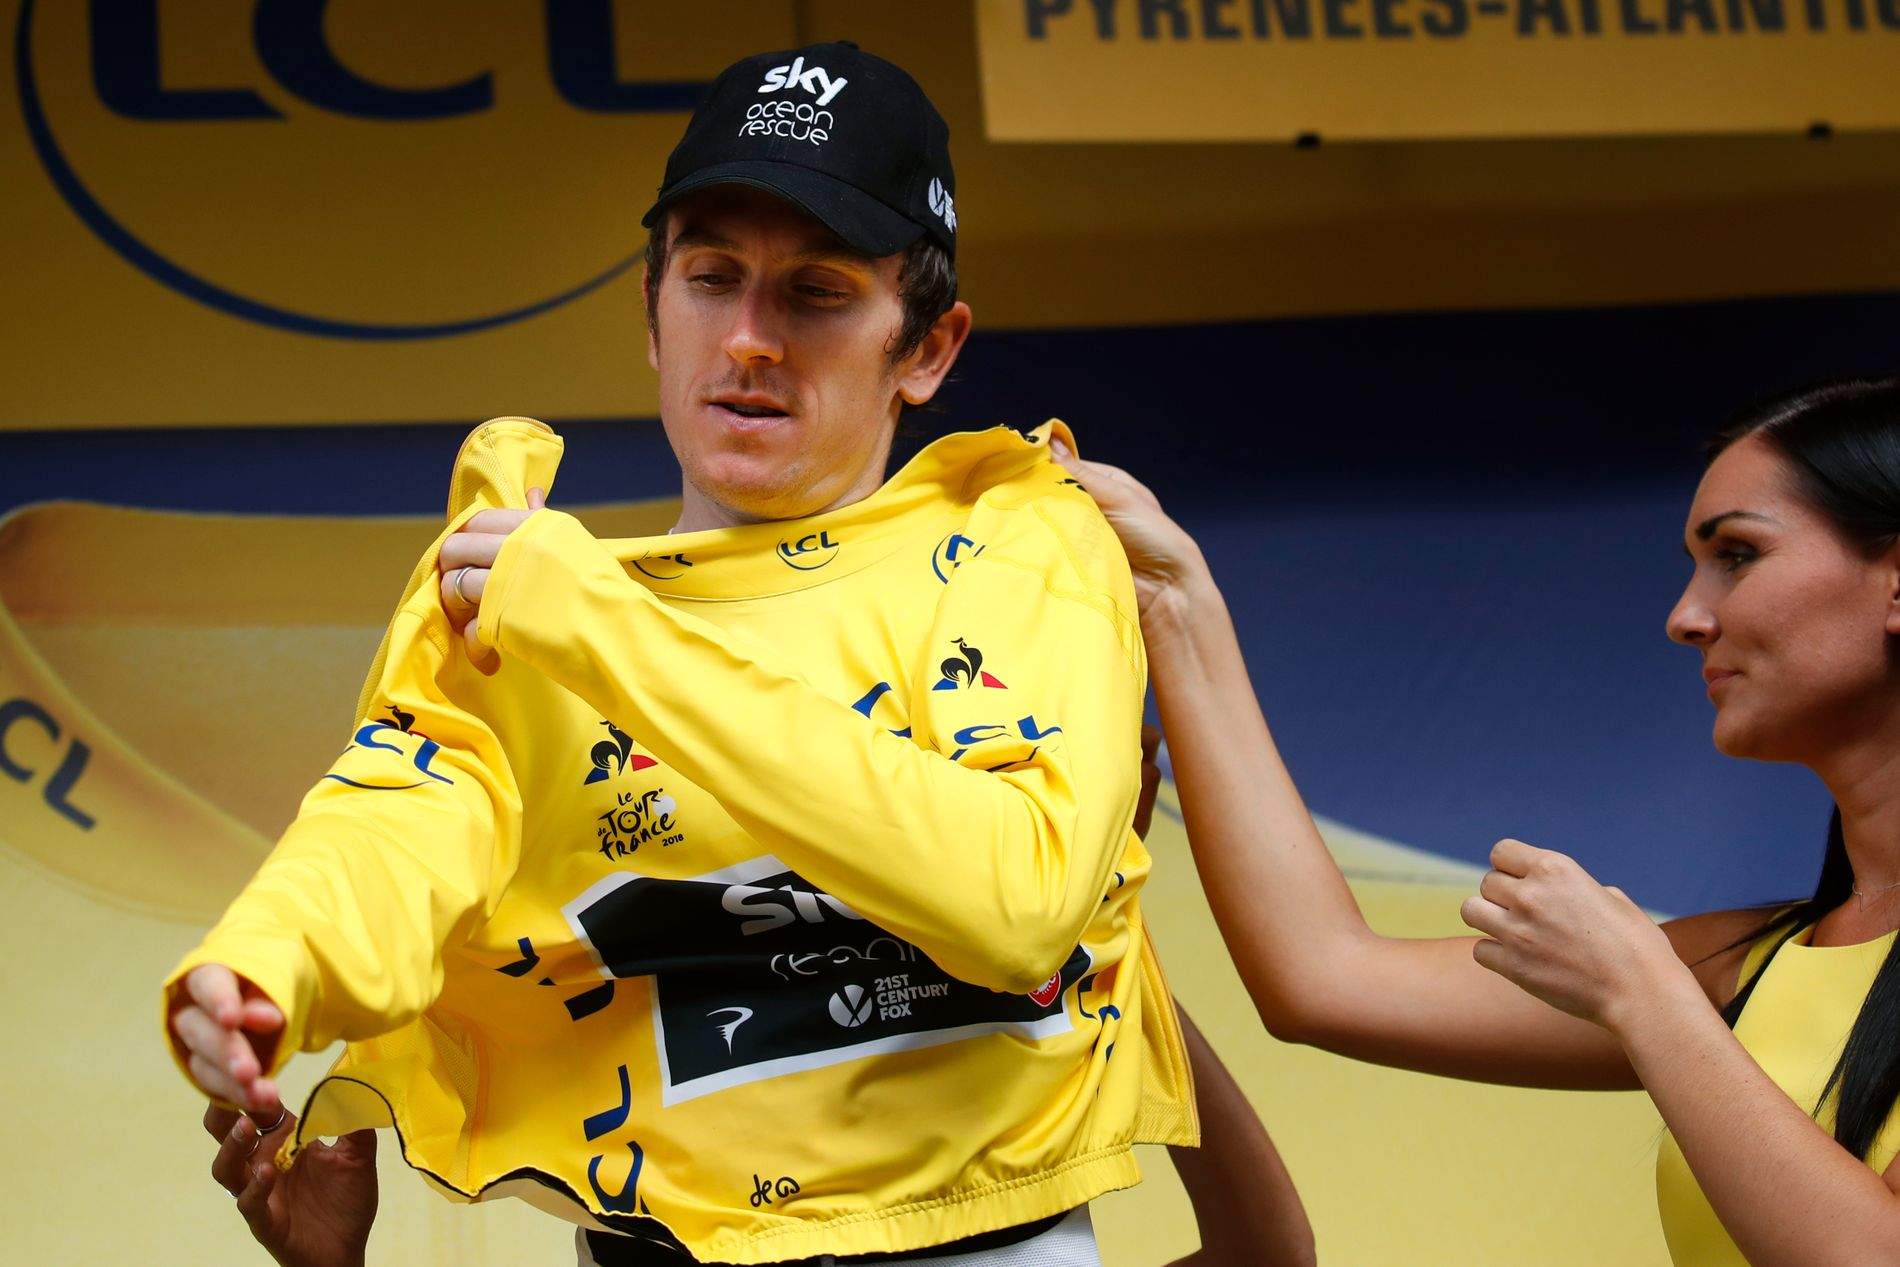 HAR SEIEREN I LOMMA: Geraint Thomas, her på podiet i Laruns fredag kveld, er bare en 31 kilometer lang tempoetappe fra å vinne Tour de France 2018.